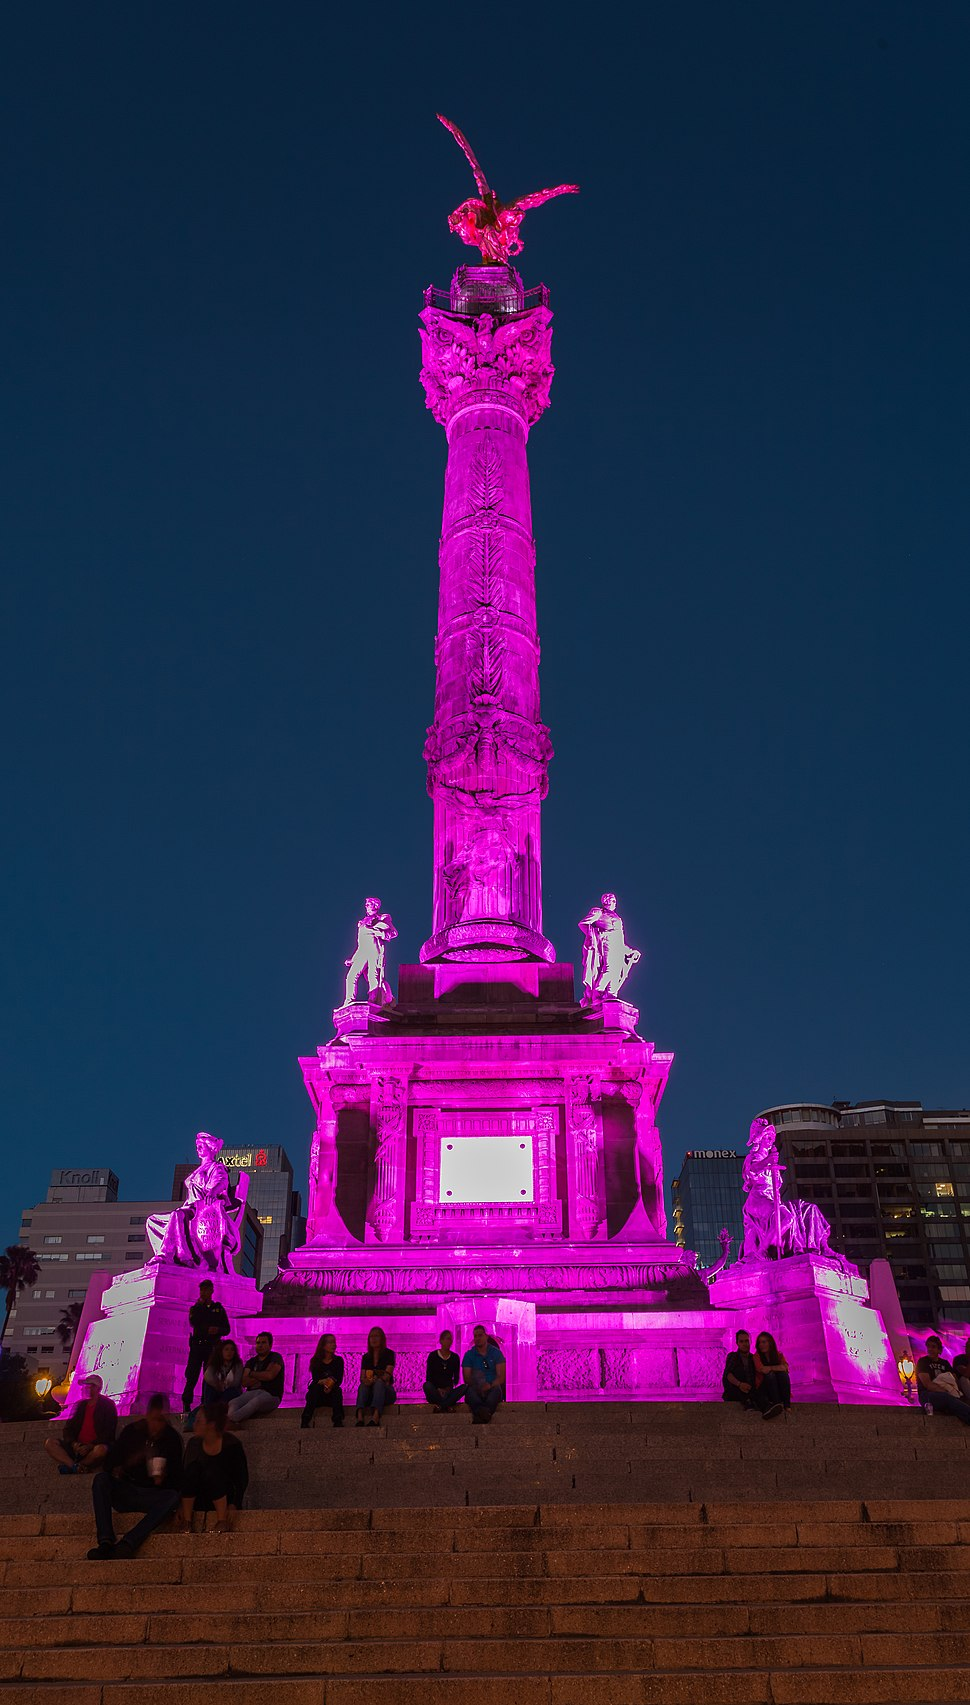 Monumento a la Independencia, México D.F., México, 2014-10-13, DD 24